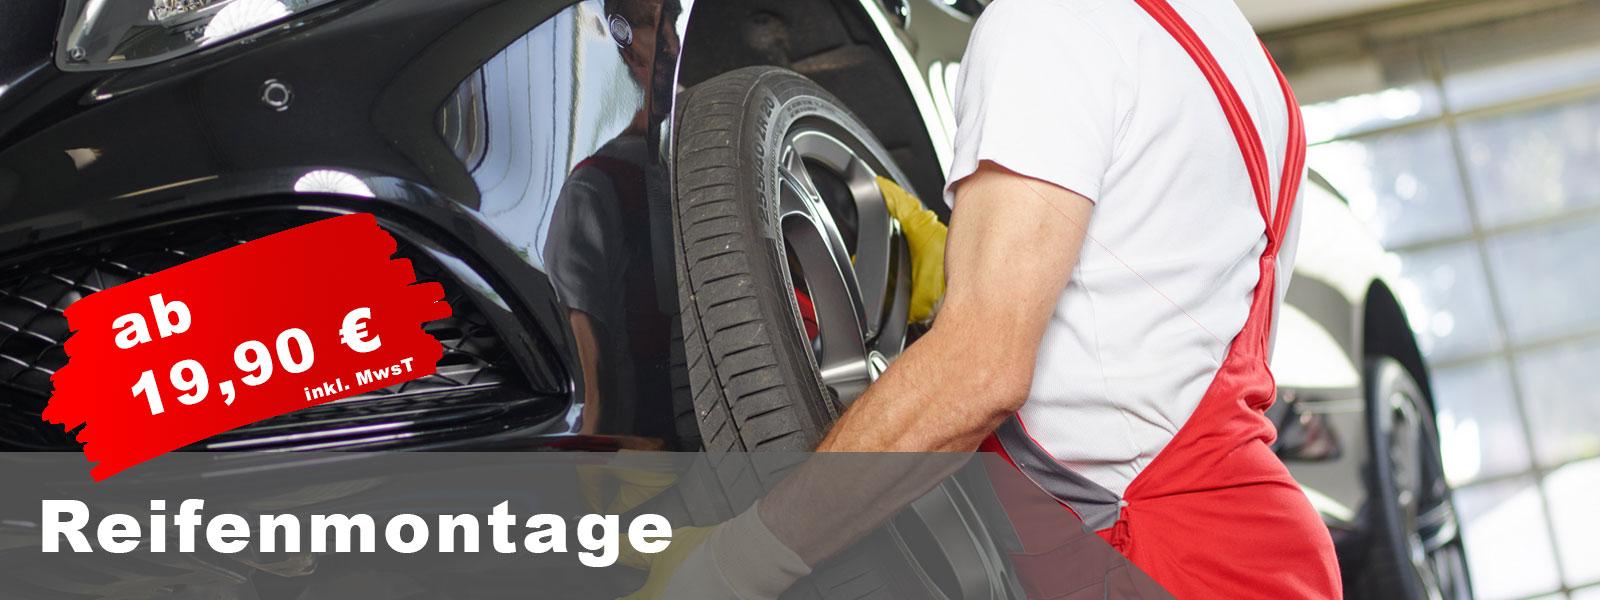 Reifenmontage, Reifenwechsel